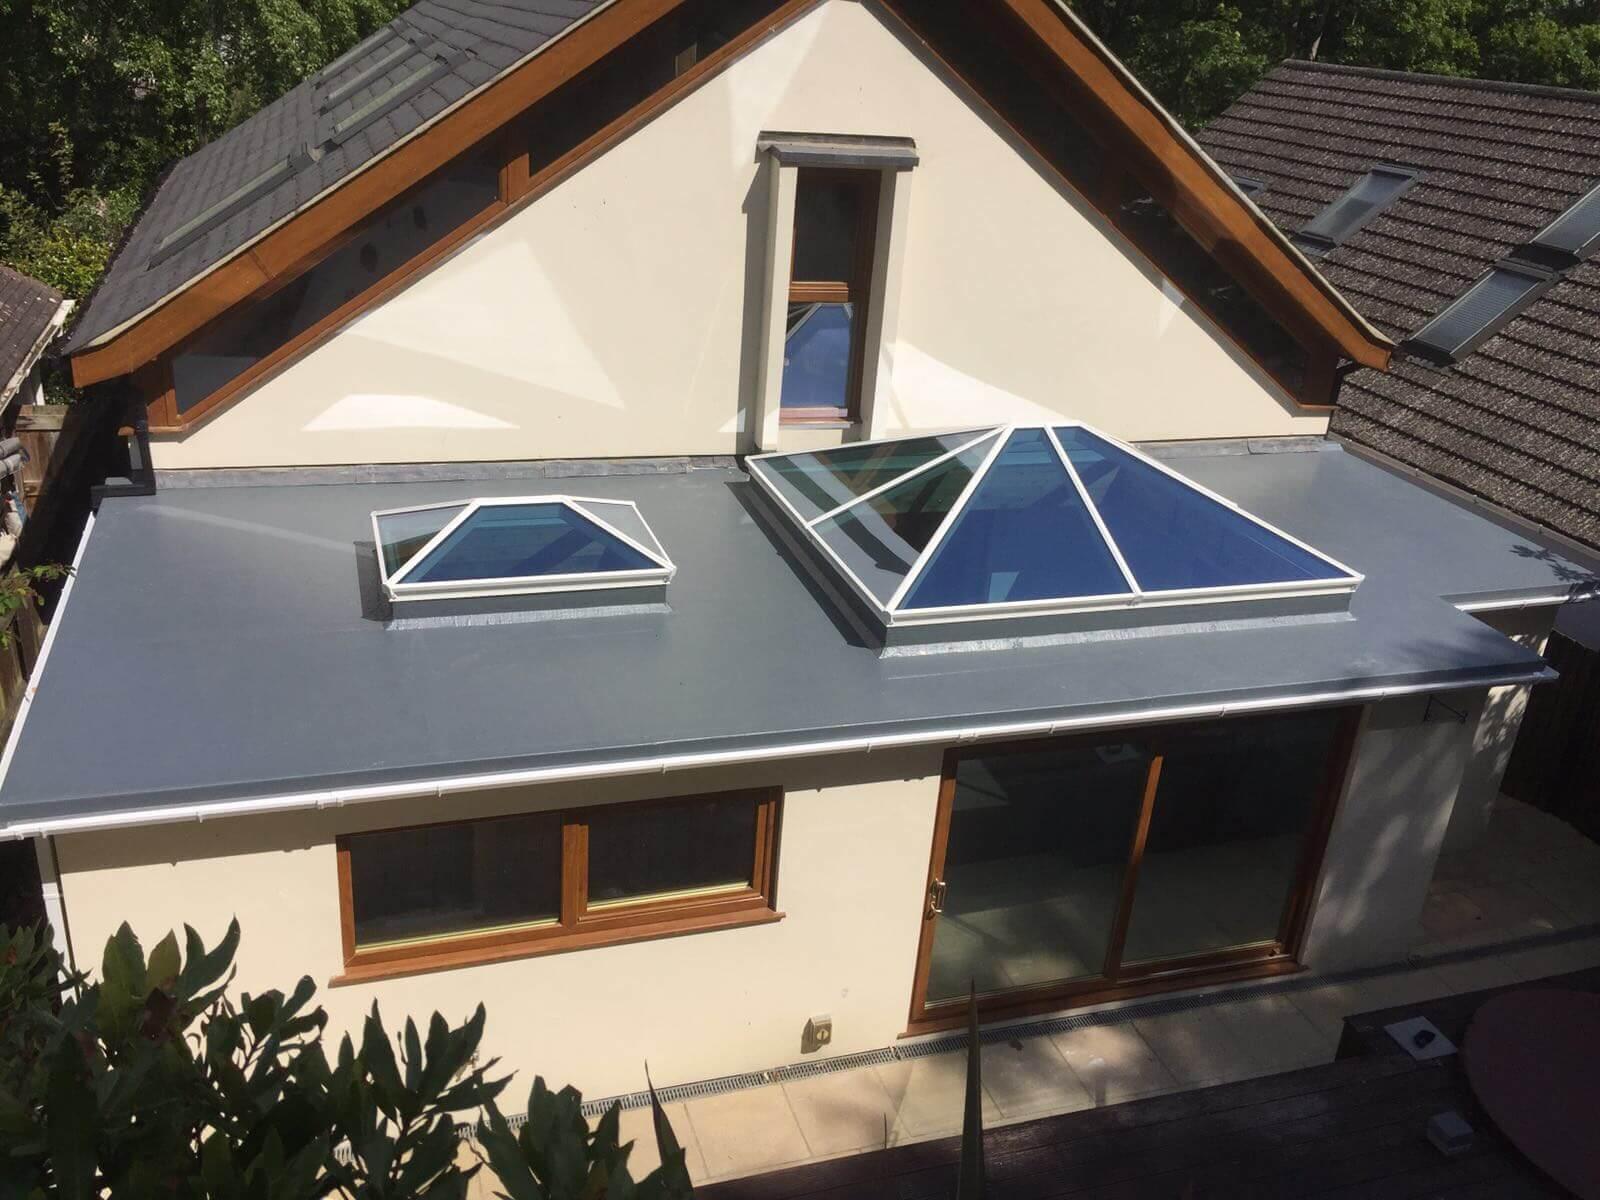 Flat Lantern Roofs Bournemouth